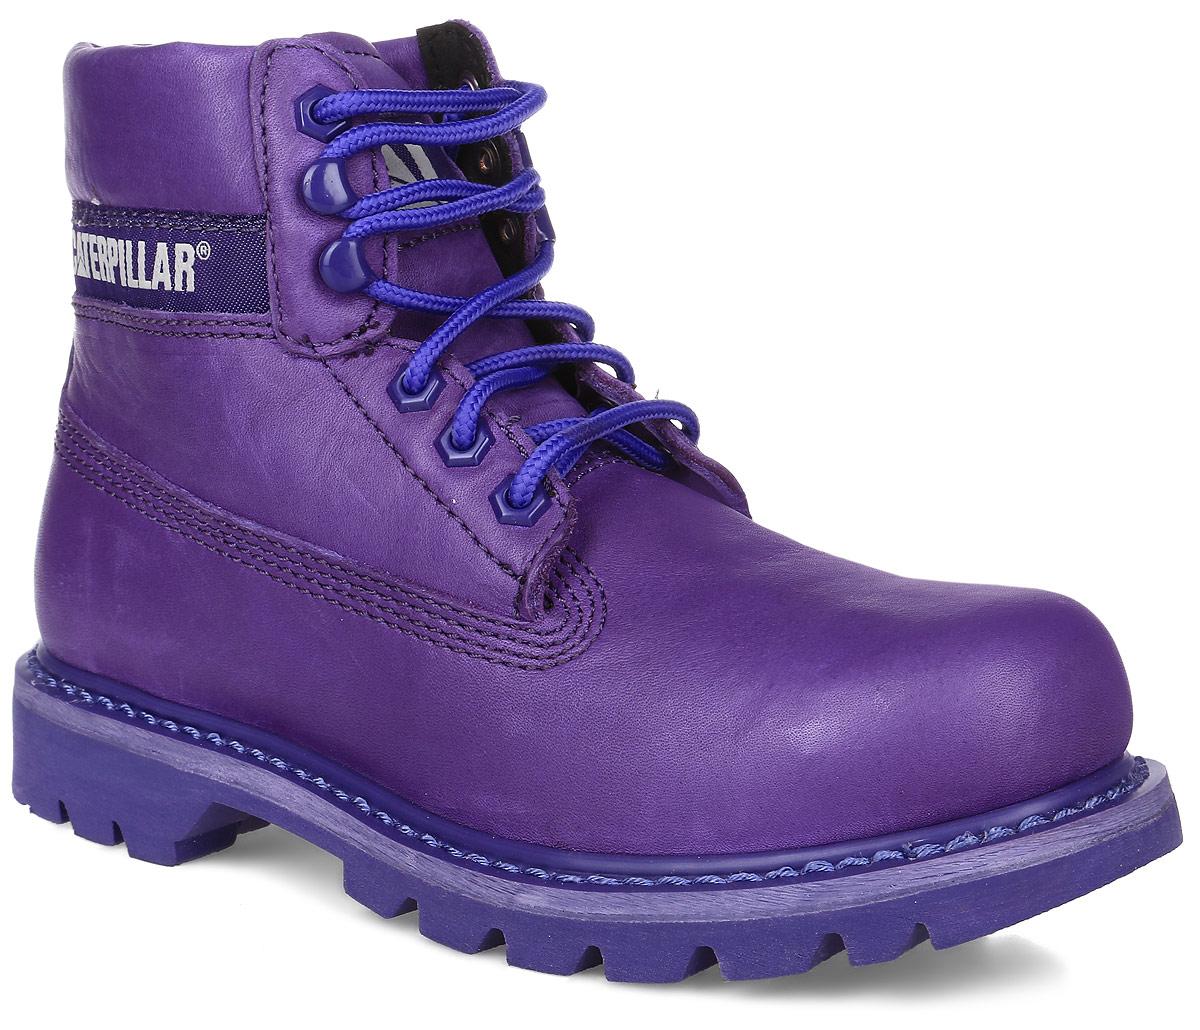 P308860Стильные женские ботинки Colorado от Caterpillar отличный вариант на каждый день. Модель выполнена из высококачественно натуральной кожи. Подкладка изготовлена из нейлона. Утеплитель Thinsulate сохранит ваши ноги в тепле. Шнуровка надежно фиксирует модель на ноге. Стельки из EVA материала обеспечивают комфортное положение стопы и амортизацию. Резиновая подошва с агрессивным протектором обеспечивает хорошее сцепление с поверхностью. Прошивка подошвы позволит продлить срок службы модели.